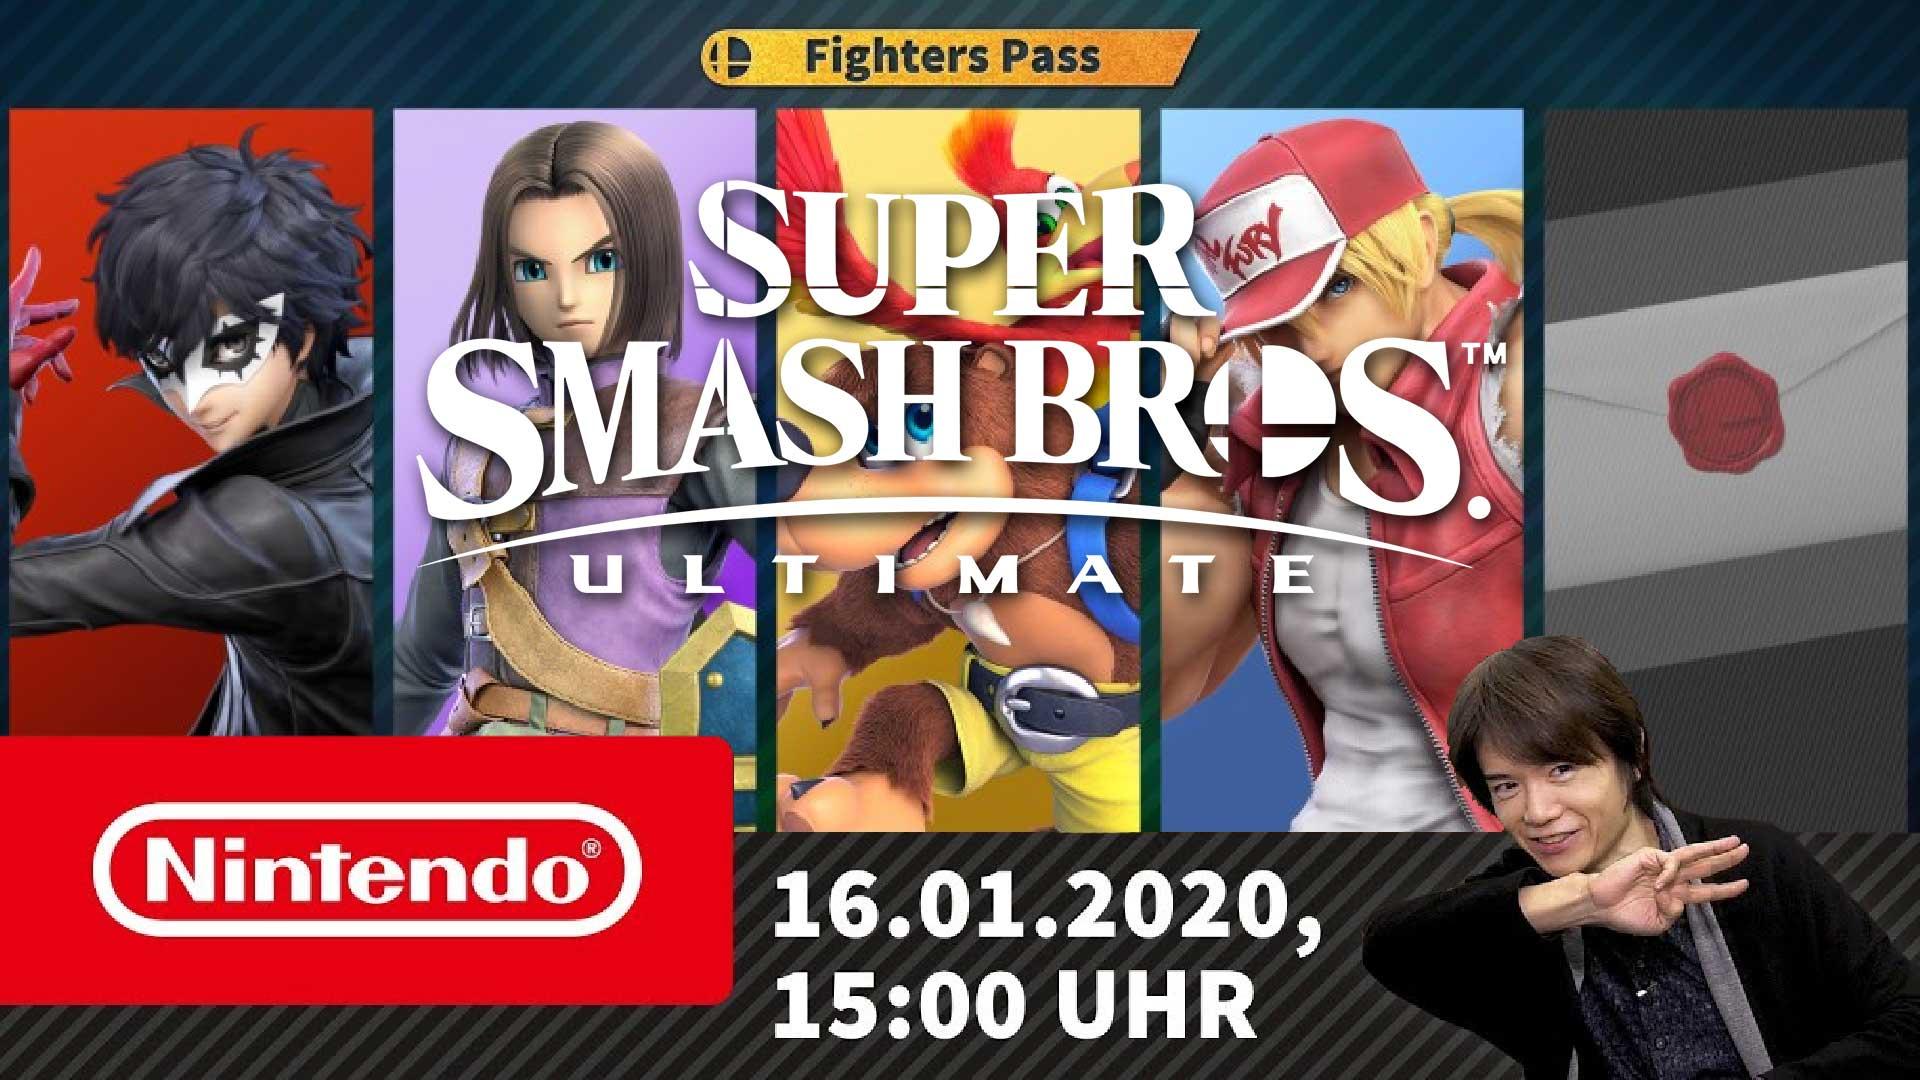 super smash bros ultimate dlc fighter